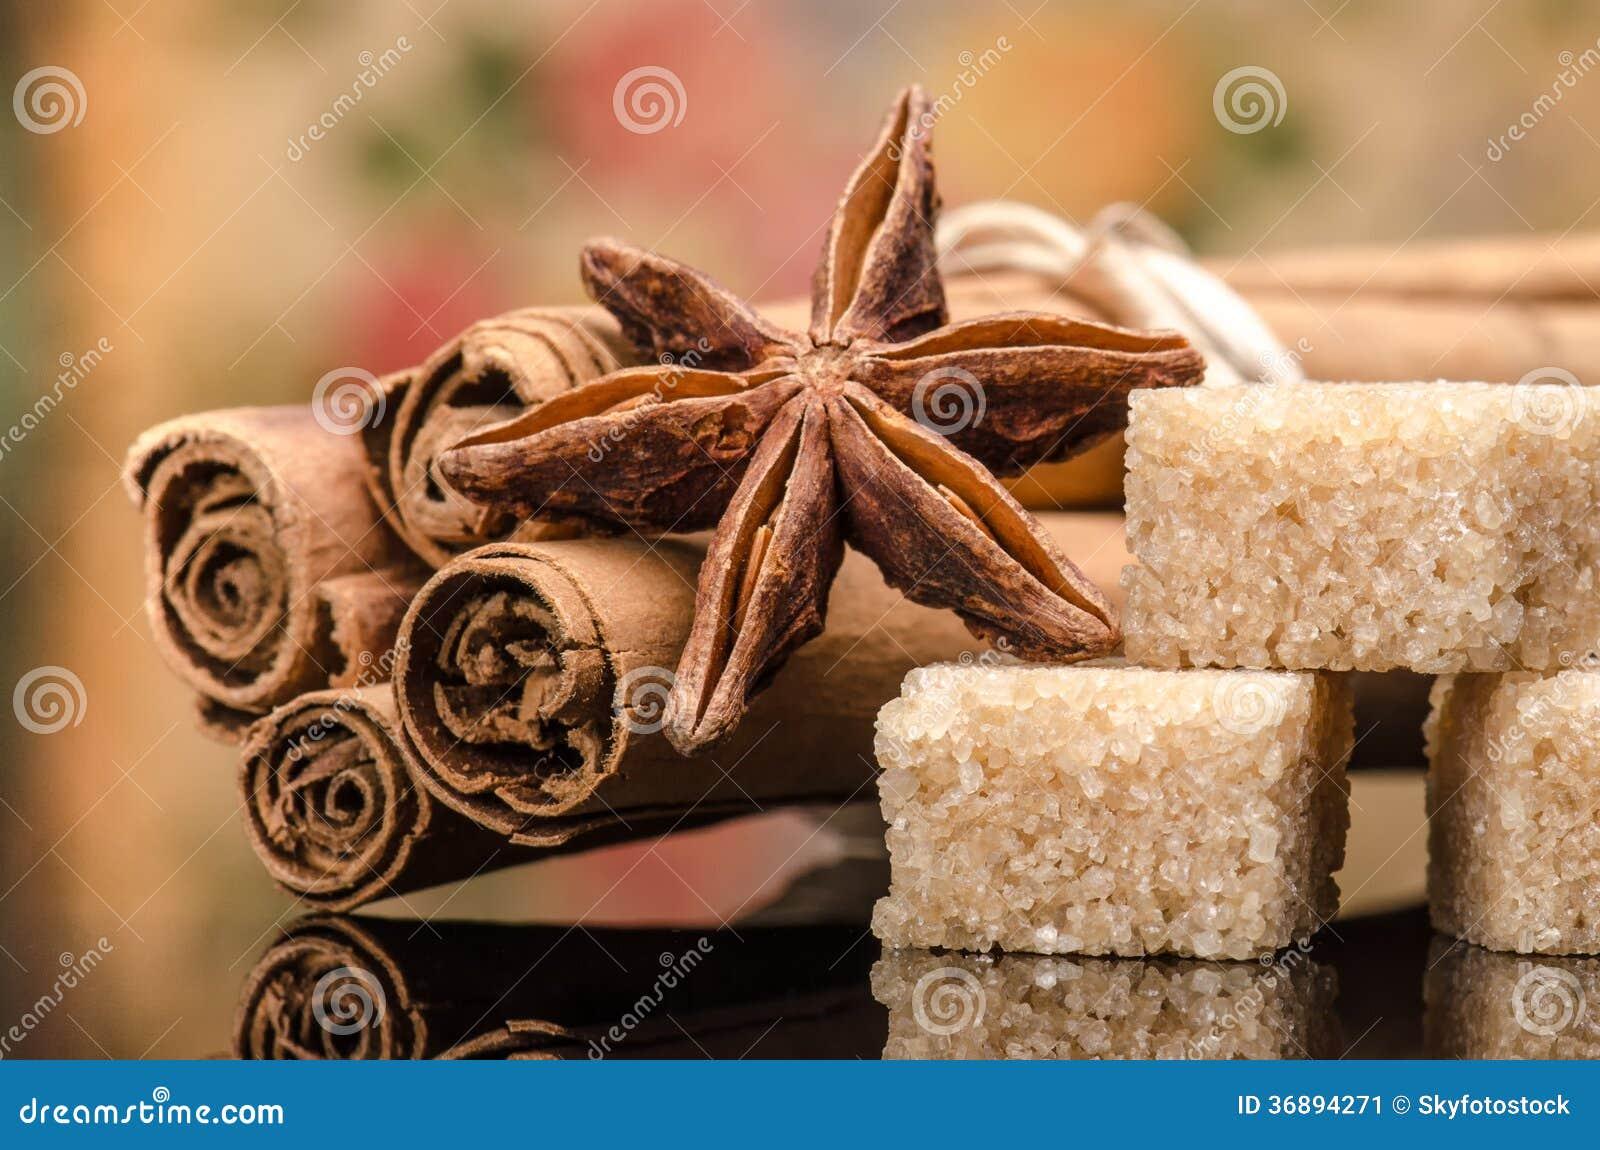 Download Zucchero e spezia immagine stock. Immagine di luce, feste - 36894271